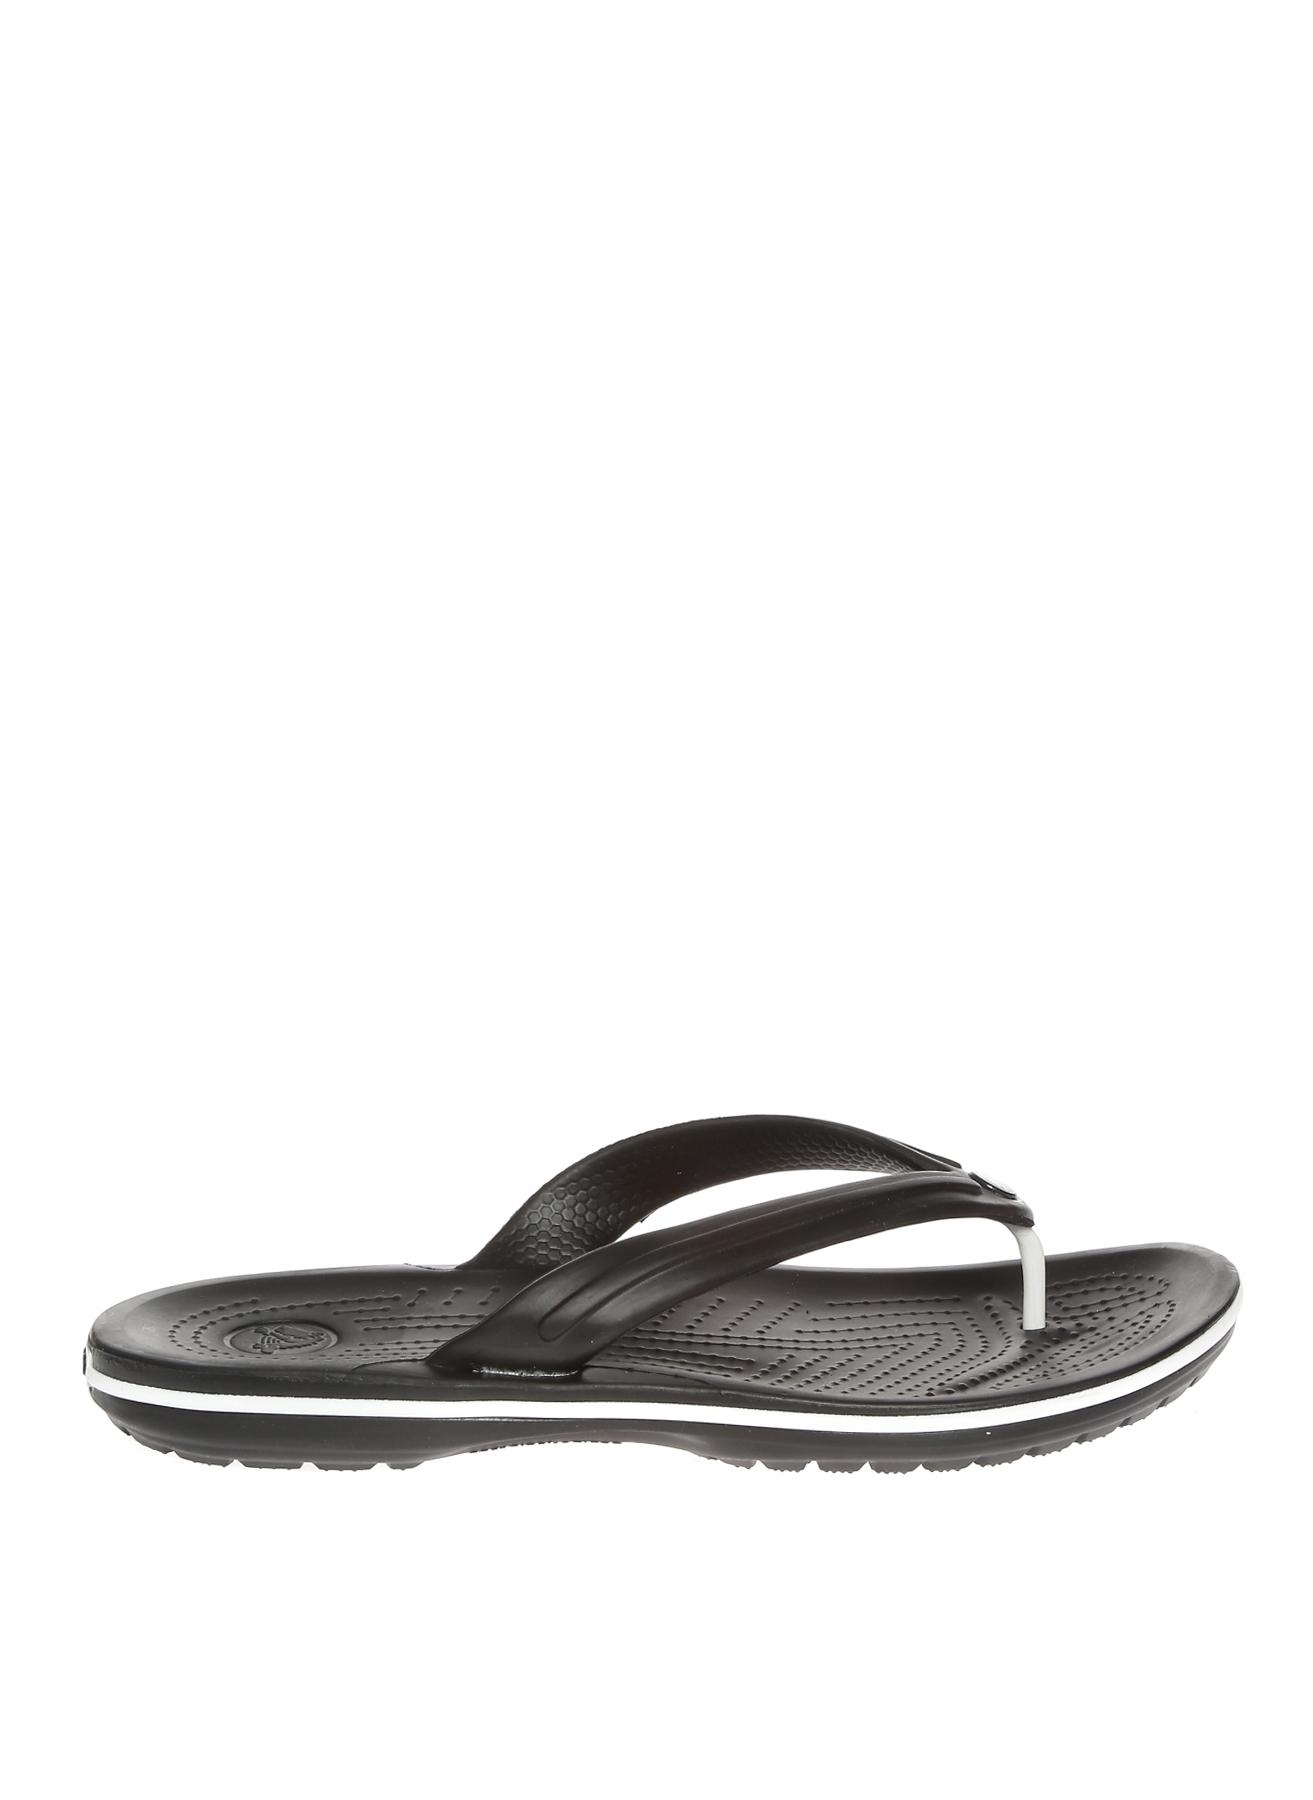 Crocs Parmak Arası Siyah Plaj Terliği 39 5001916636004 Ürün Resmi